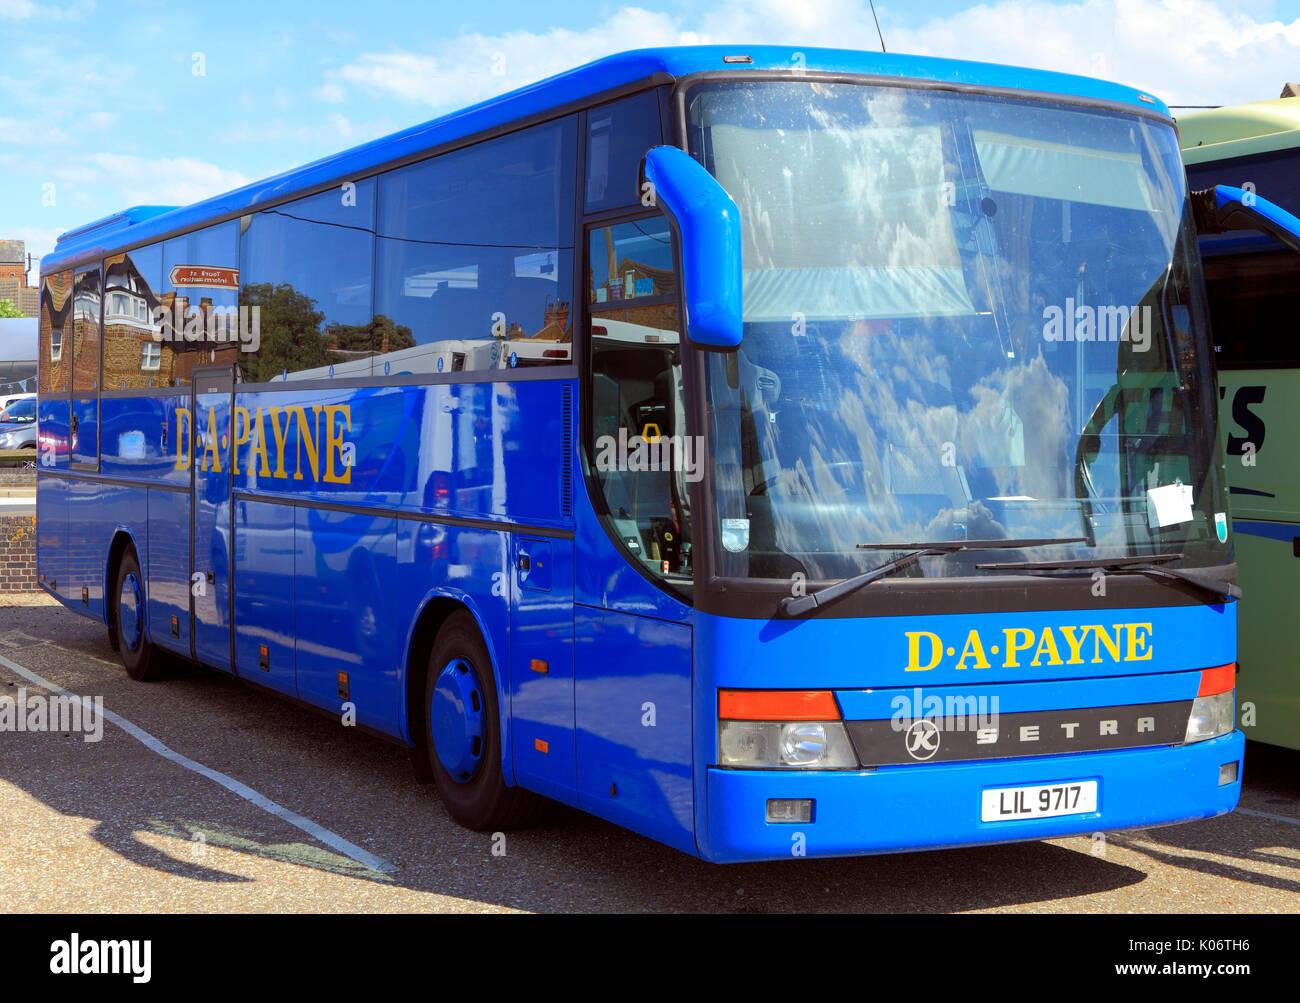 D.A. Payne, Coach, Trainer, Tag Tipps, Reise, Ausflug, Ausflüge, Reisen unternehmen, Unternehmen, Verkehr, Urlaub, Reisen, England, Großbritannien Stockbild